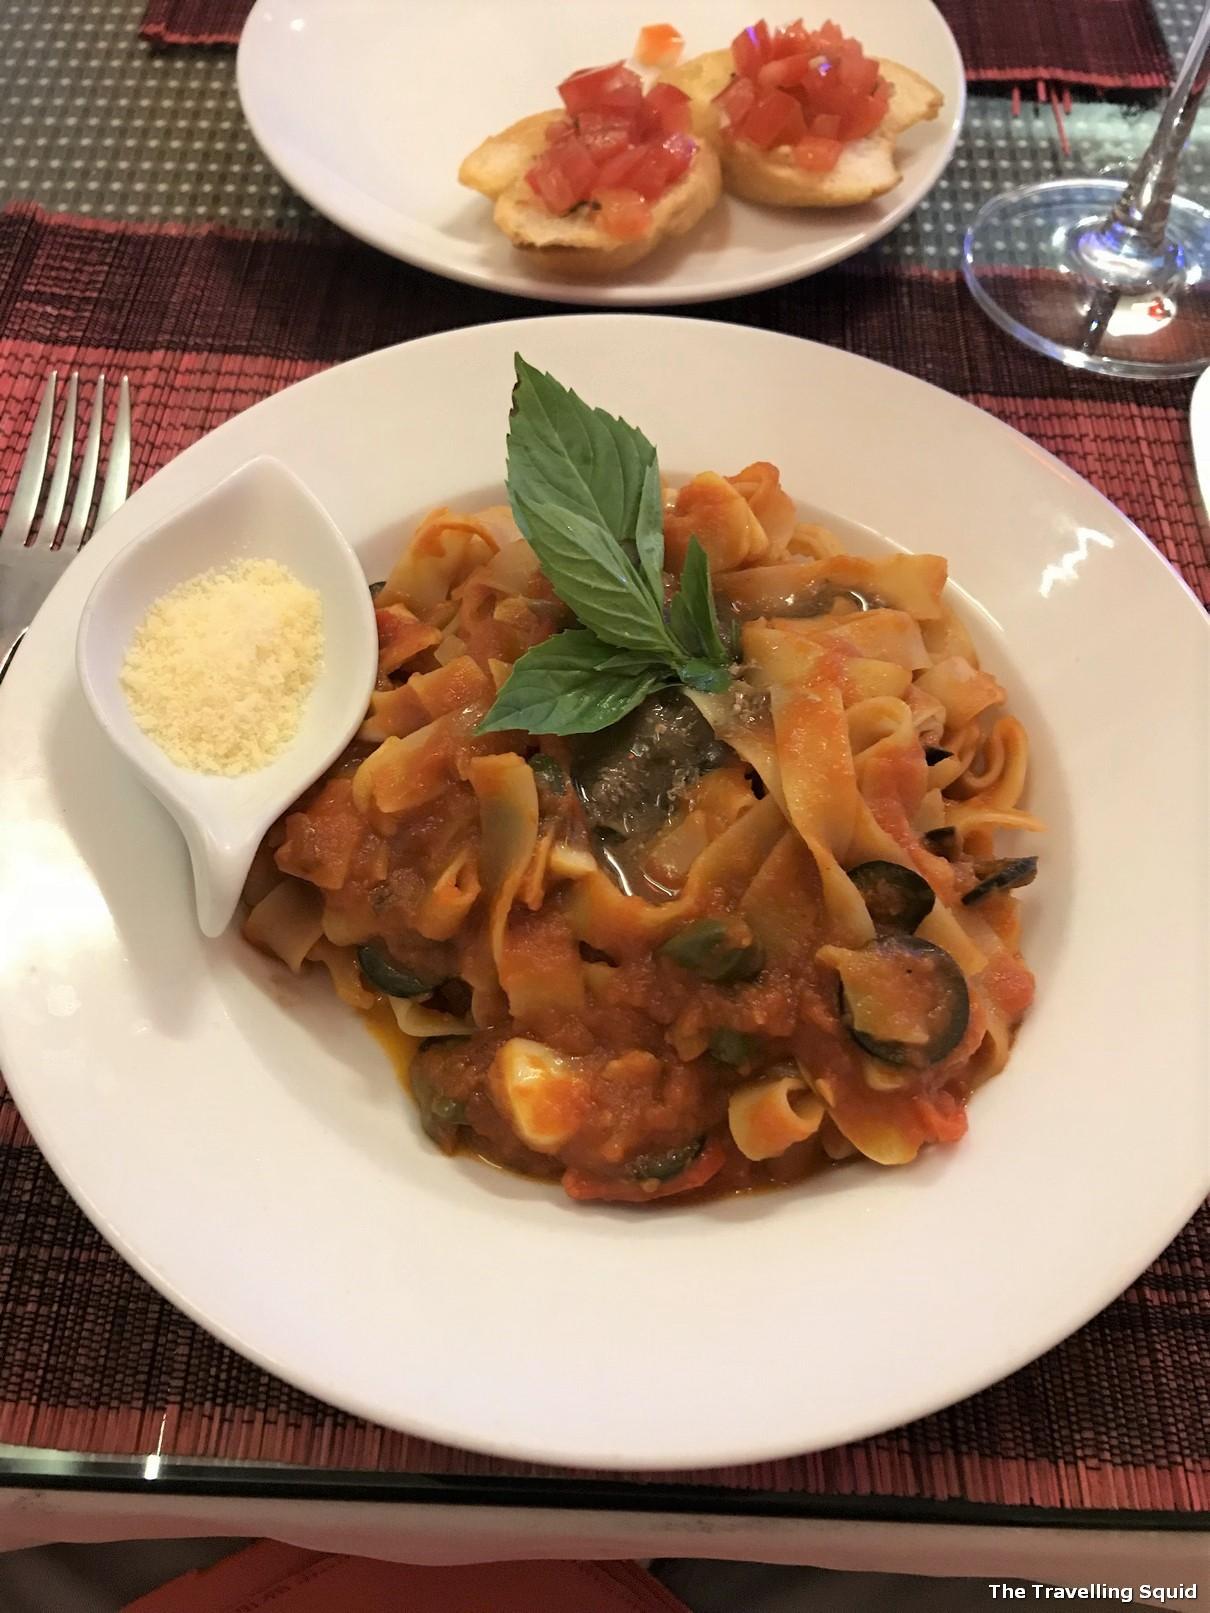 risotto restaurant hue vietnam tomato pasta